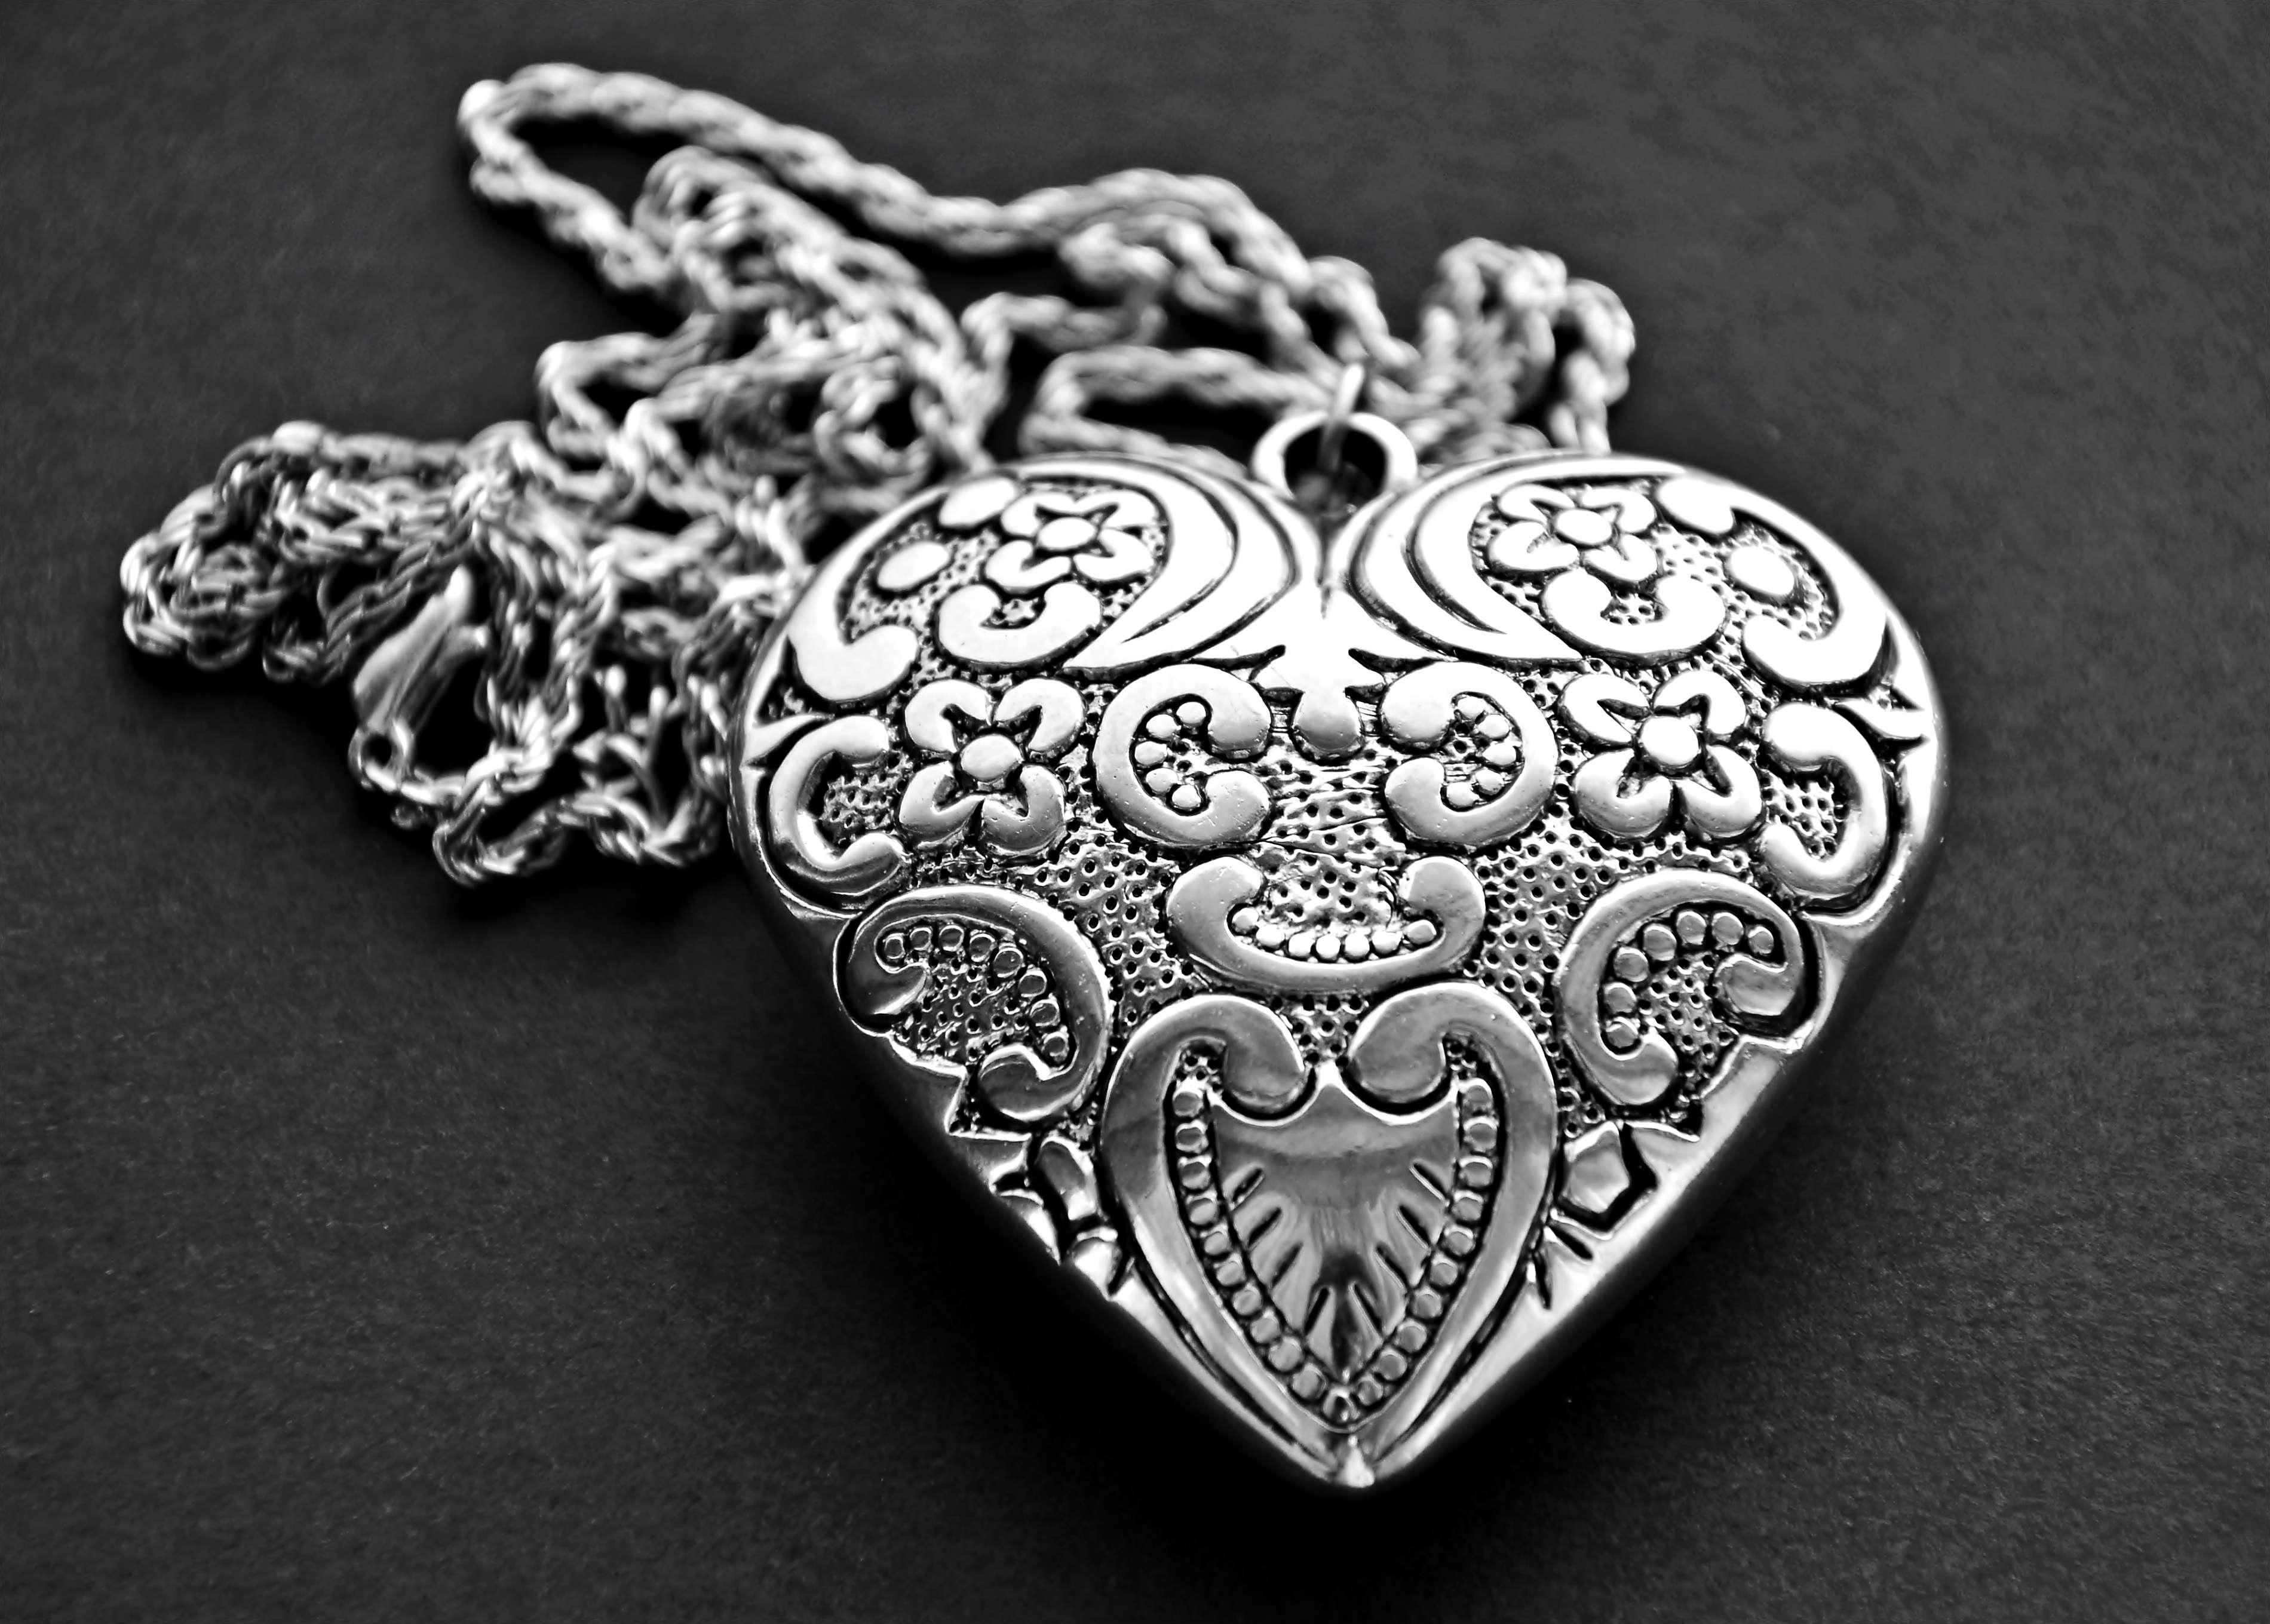 Hay trucos sencillos para reconocer la plata legítima de la que es solo chapa, es alpaca u otro metal. Foto: iStock